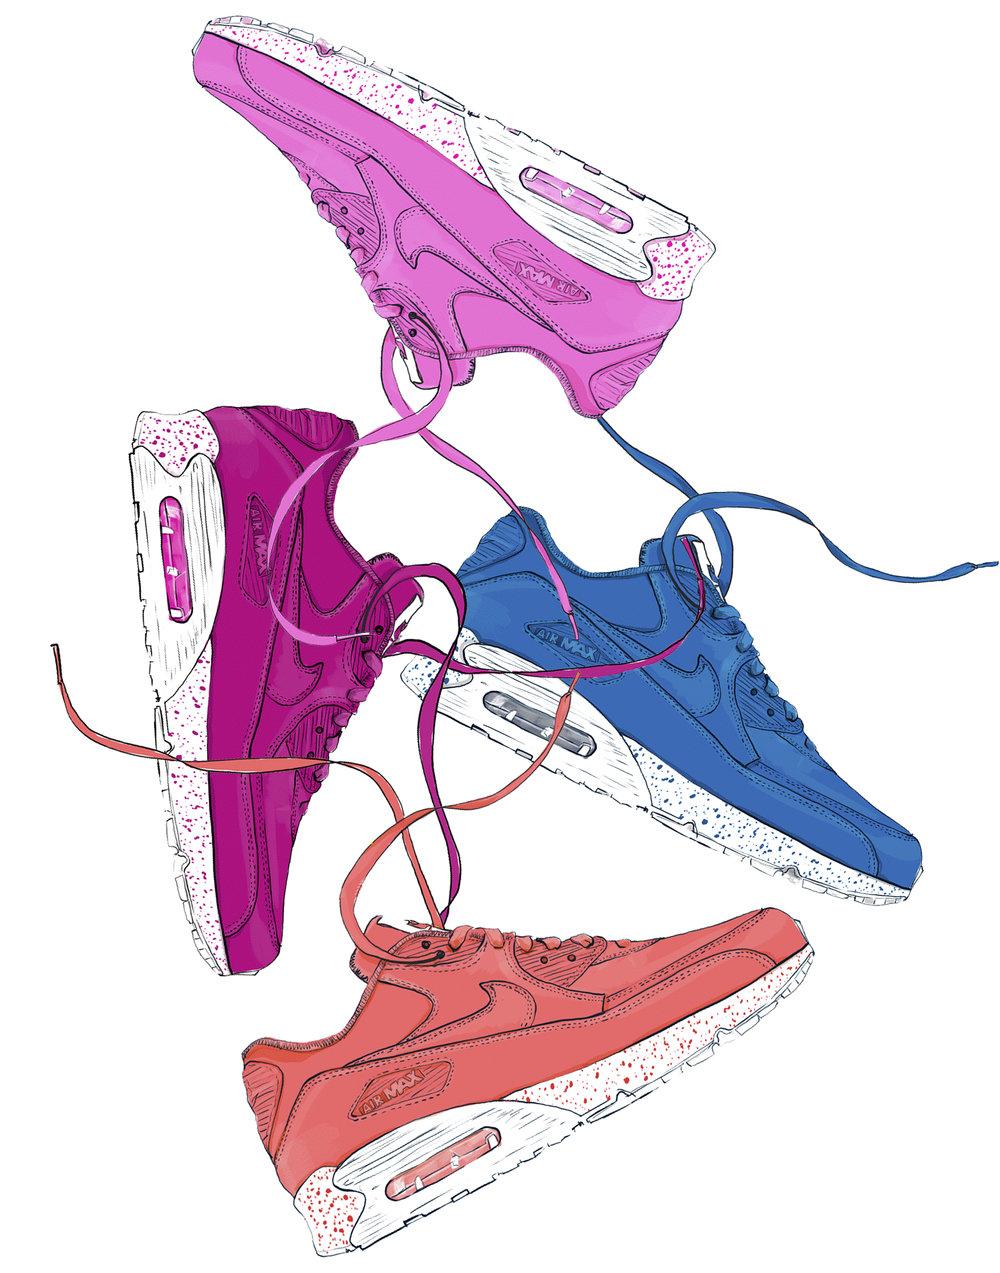 Nikeswirl_kneeslappa.jpg